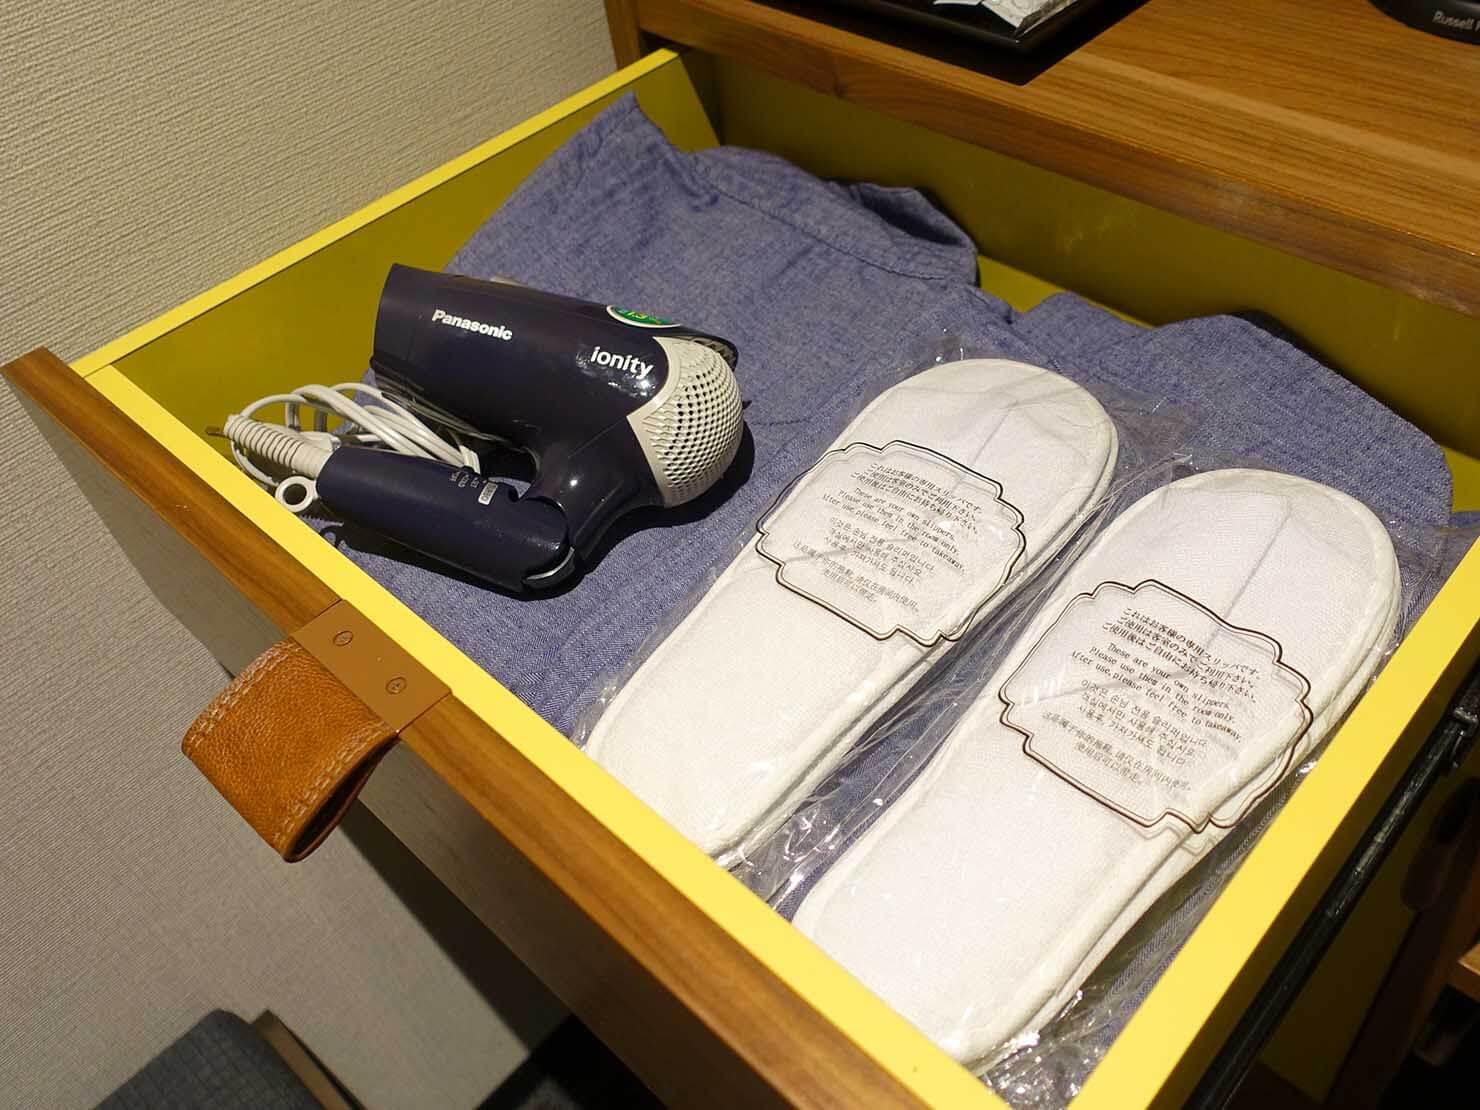 福岡・中洲川端にあるおしゃれなおすすめホテル「THE LIVELY」スタンダードダブルの引き出しに準備されたドライヤーなど